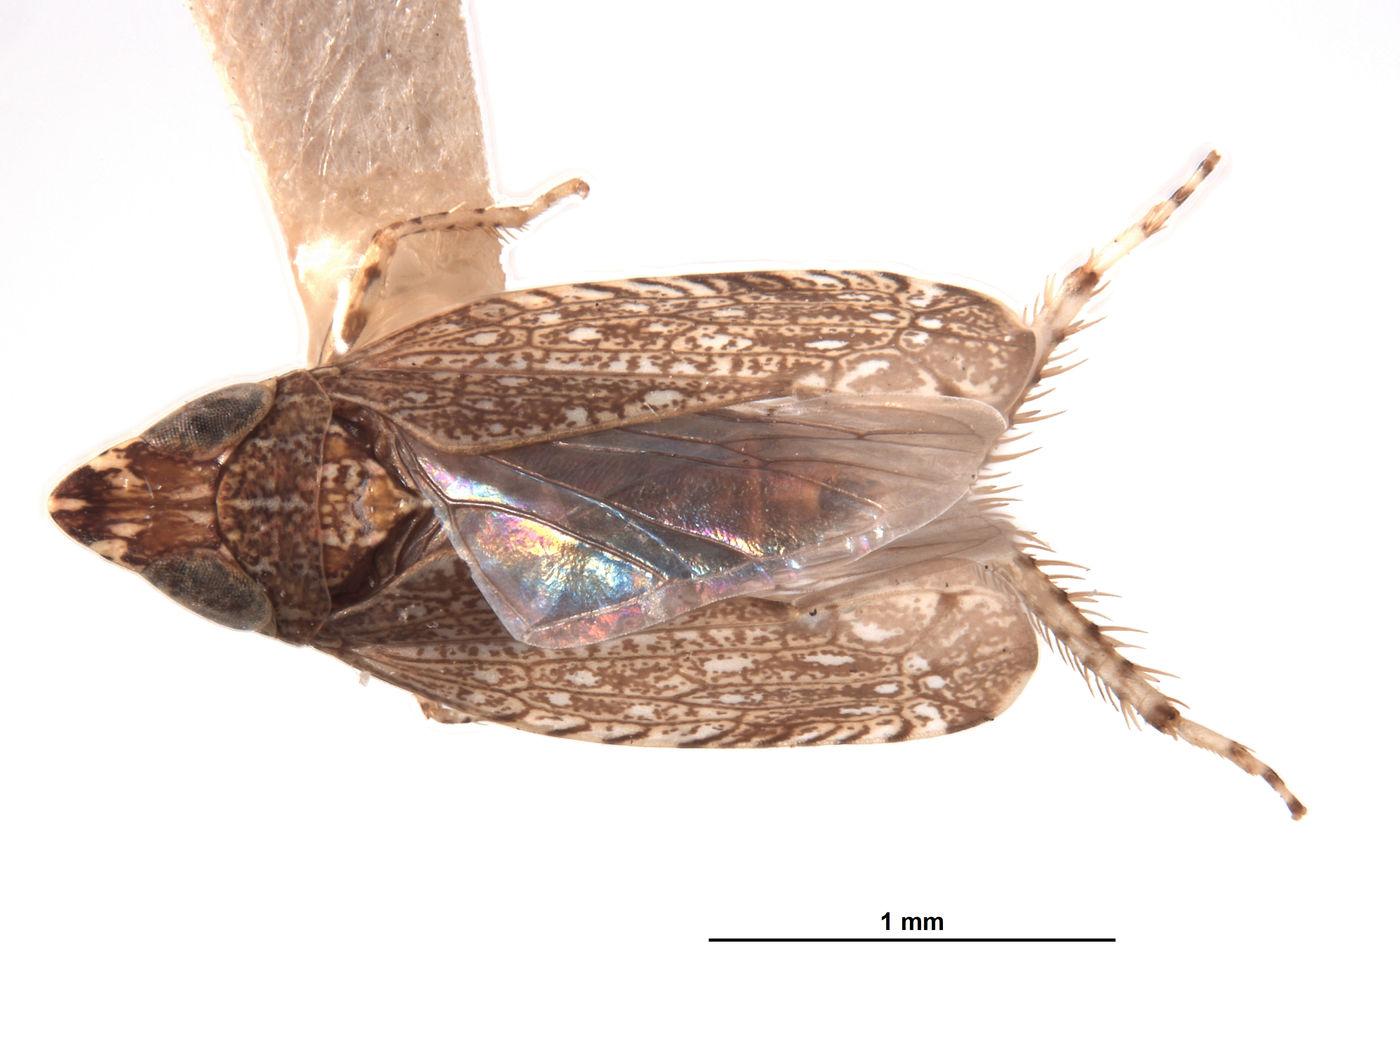 Platymetopius nasutus image